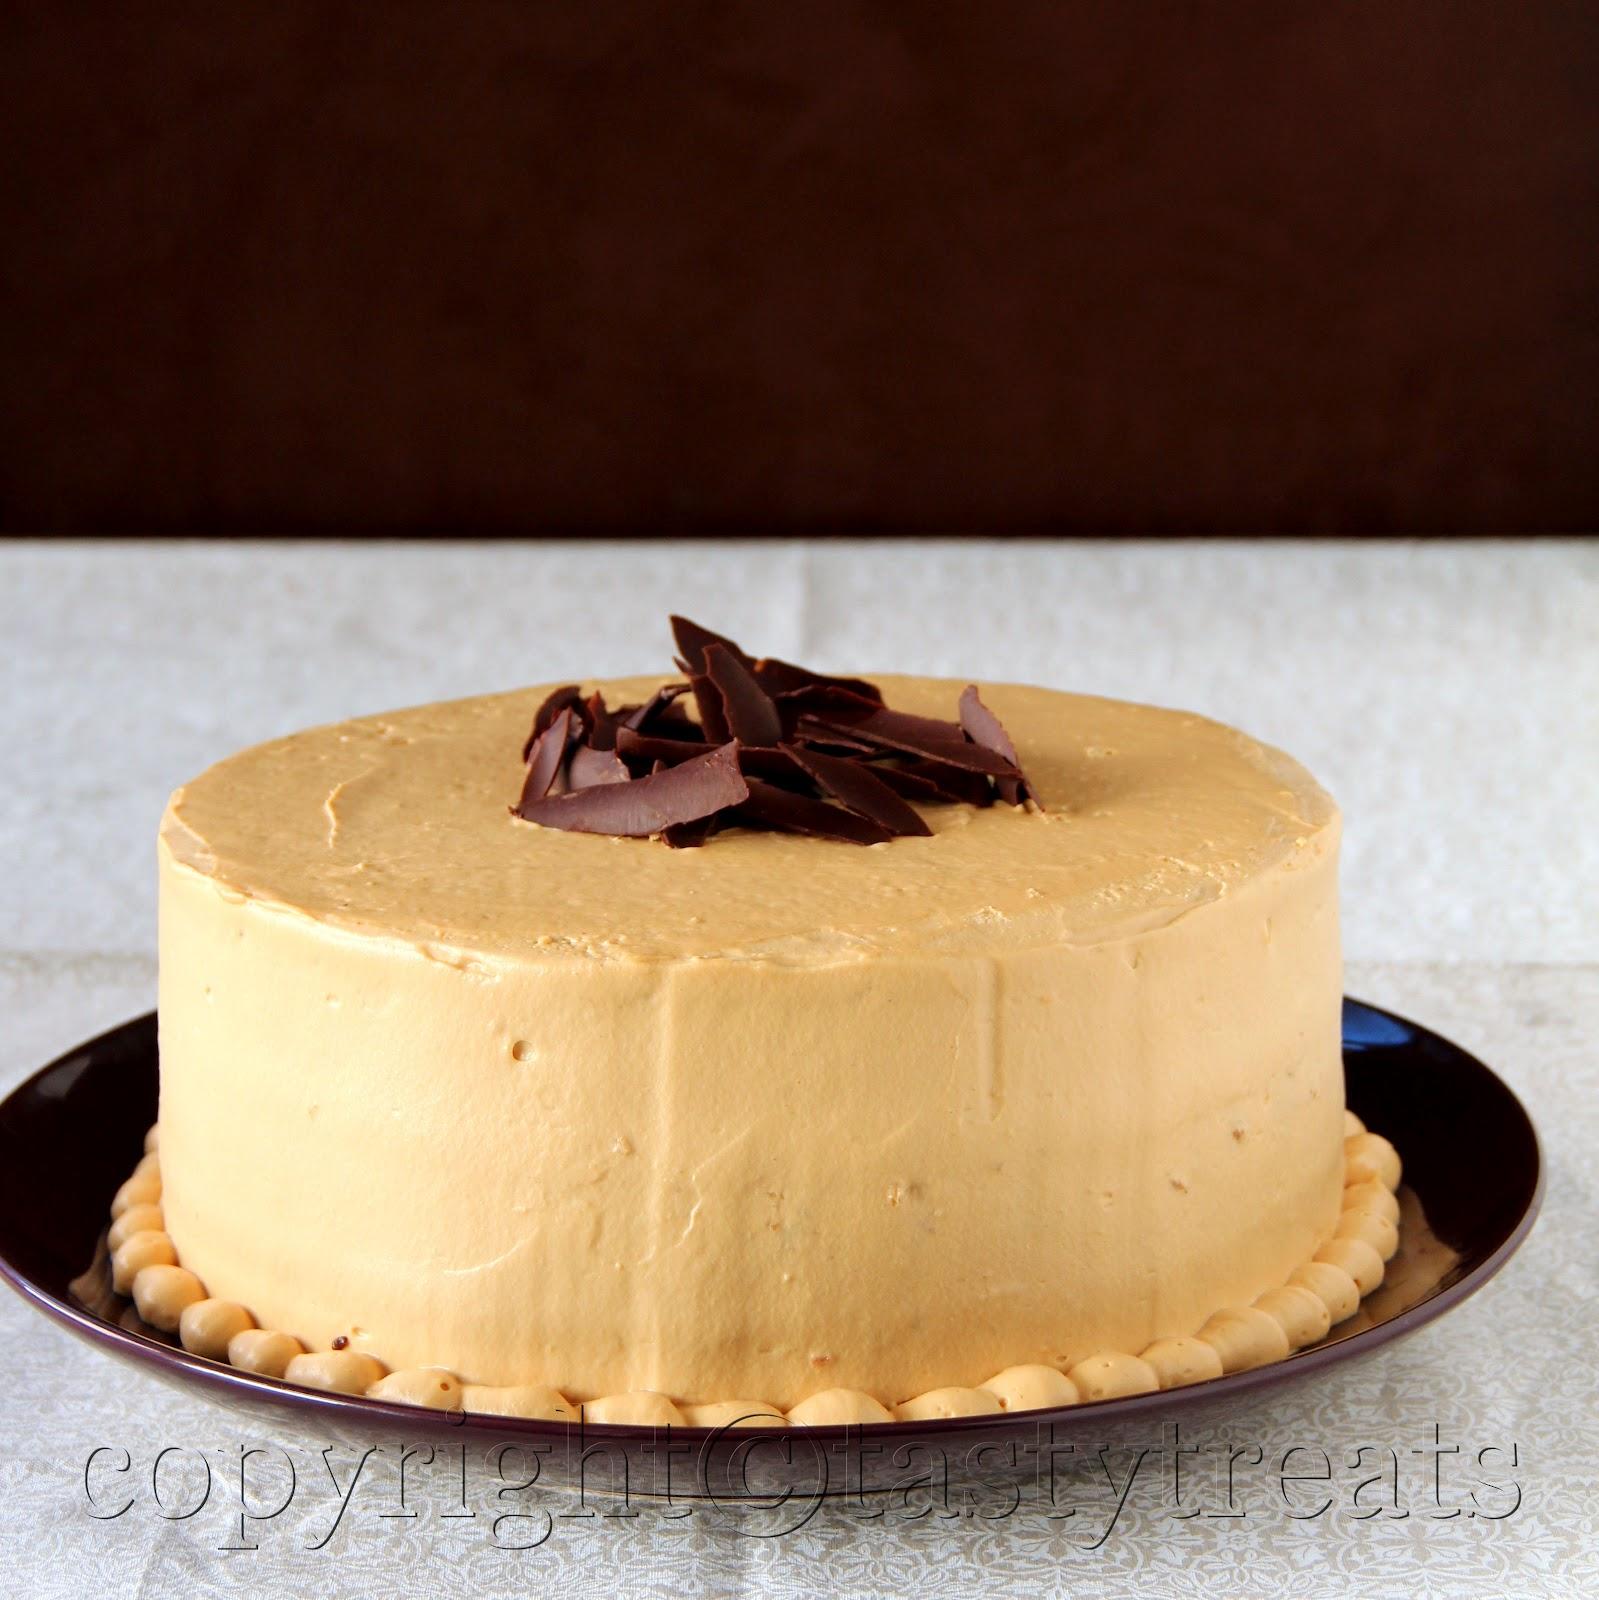 Tasty Treats: Dulce de Leche Cake